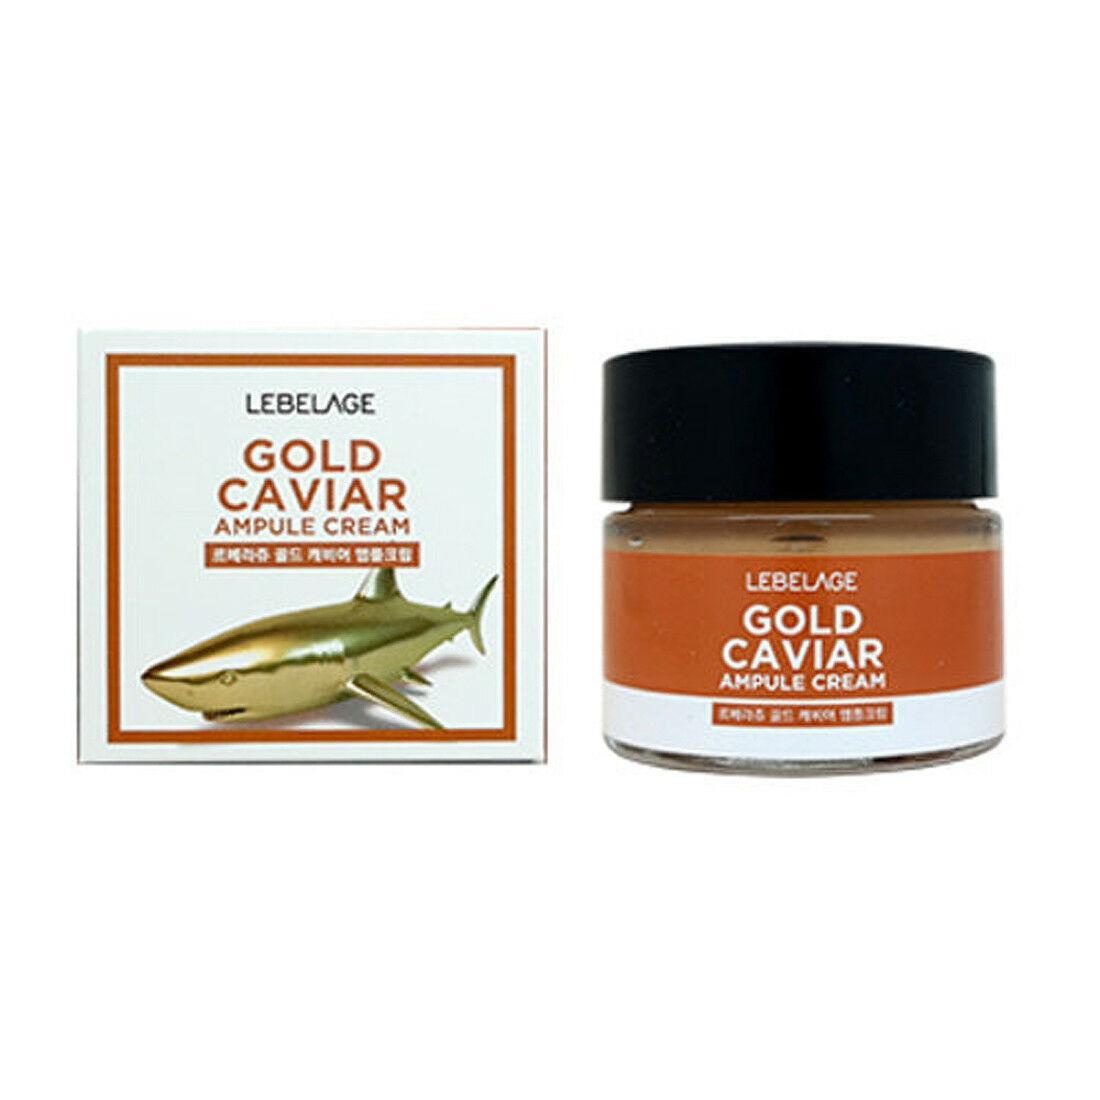 Крем для лица Lebelage Gold Caviar Ampule Cream 70 ml.